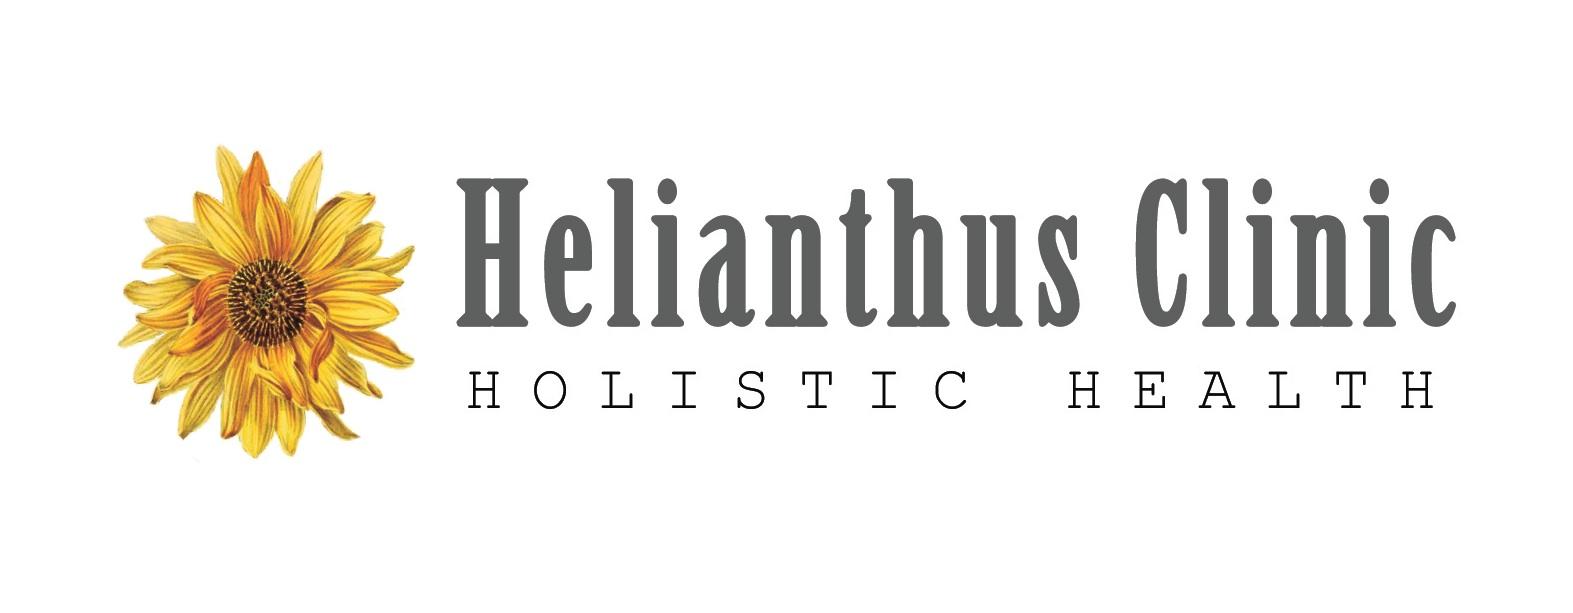 Helianthus Holistic Health Clinic